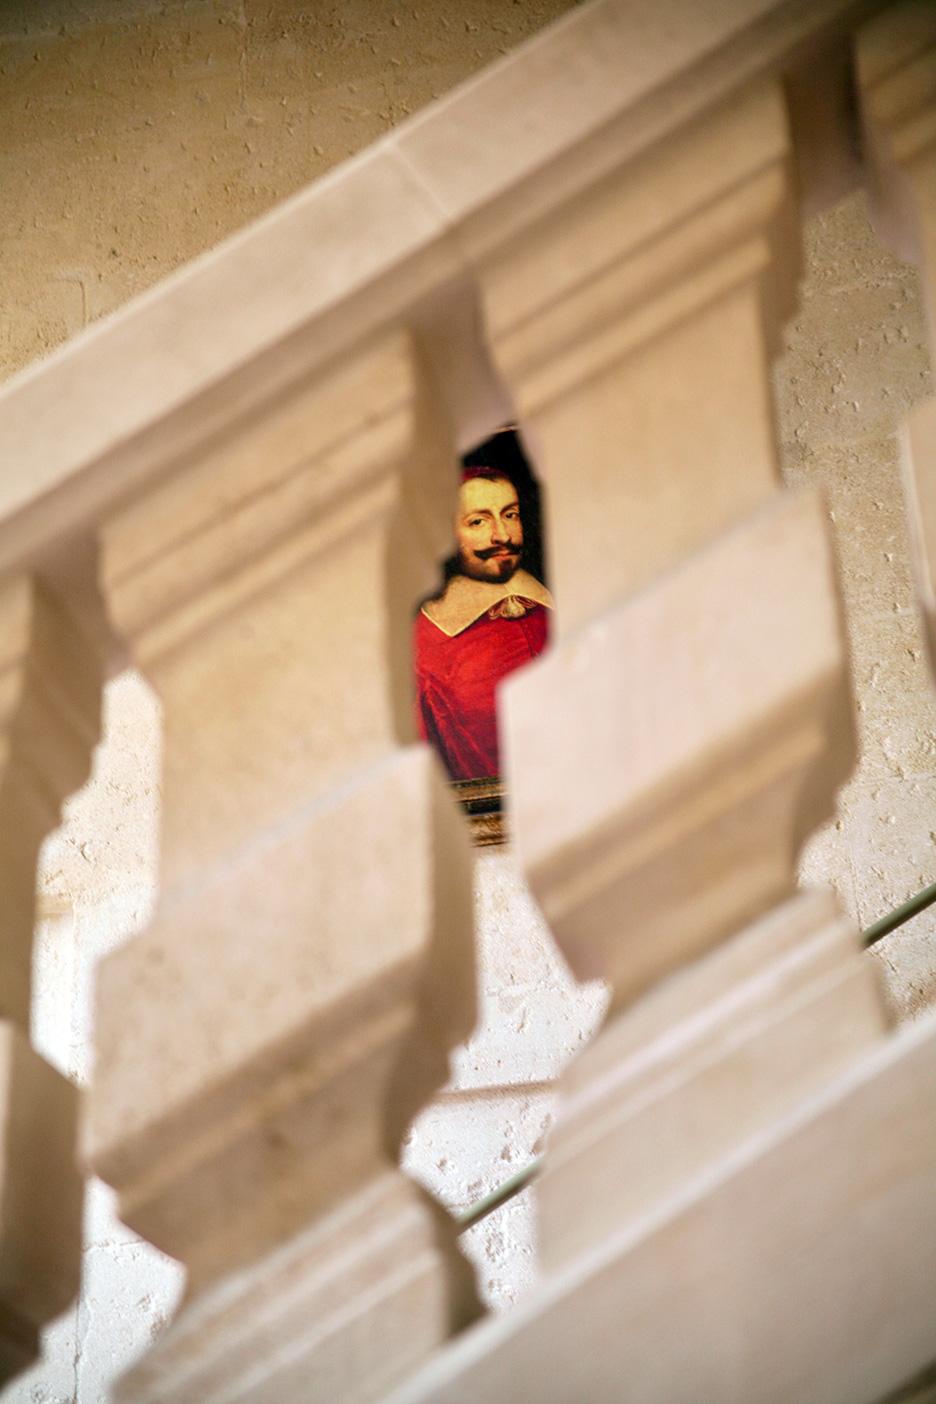 IMG_6485 escalier web